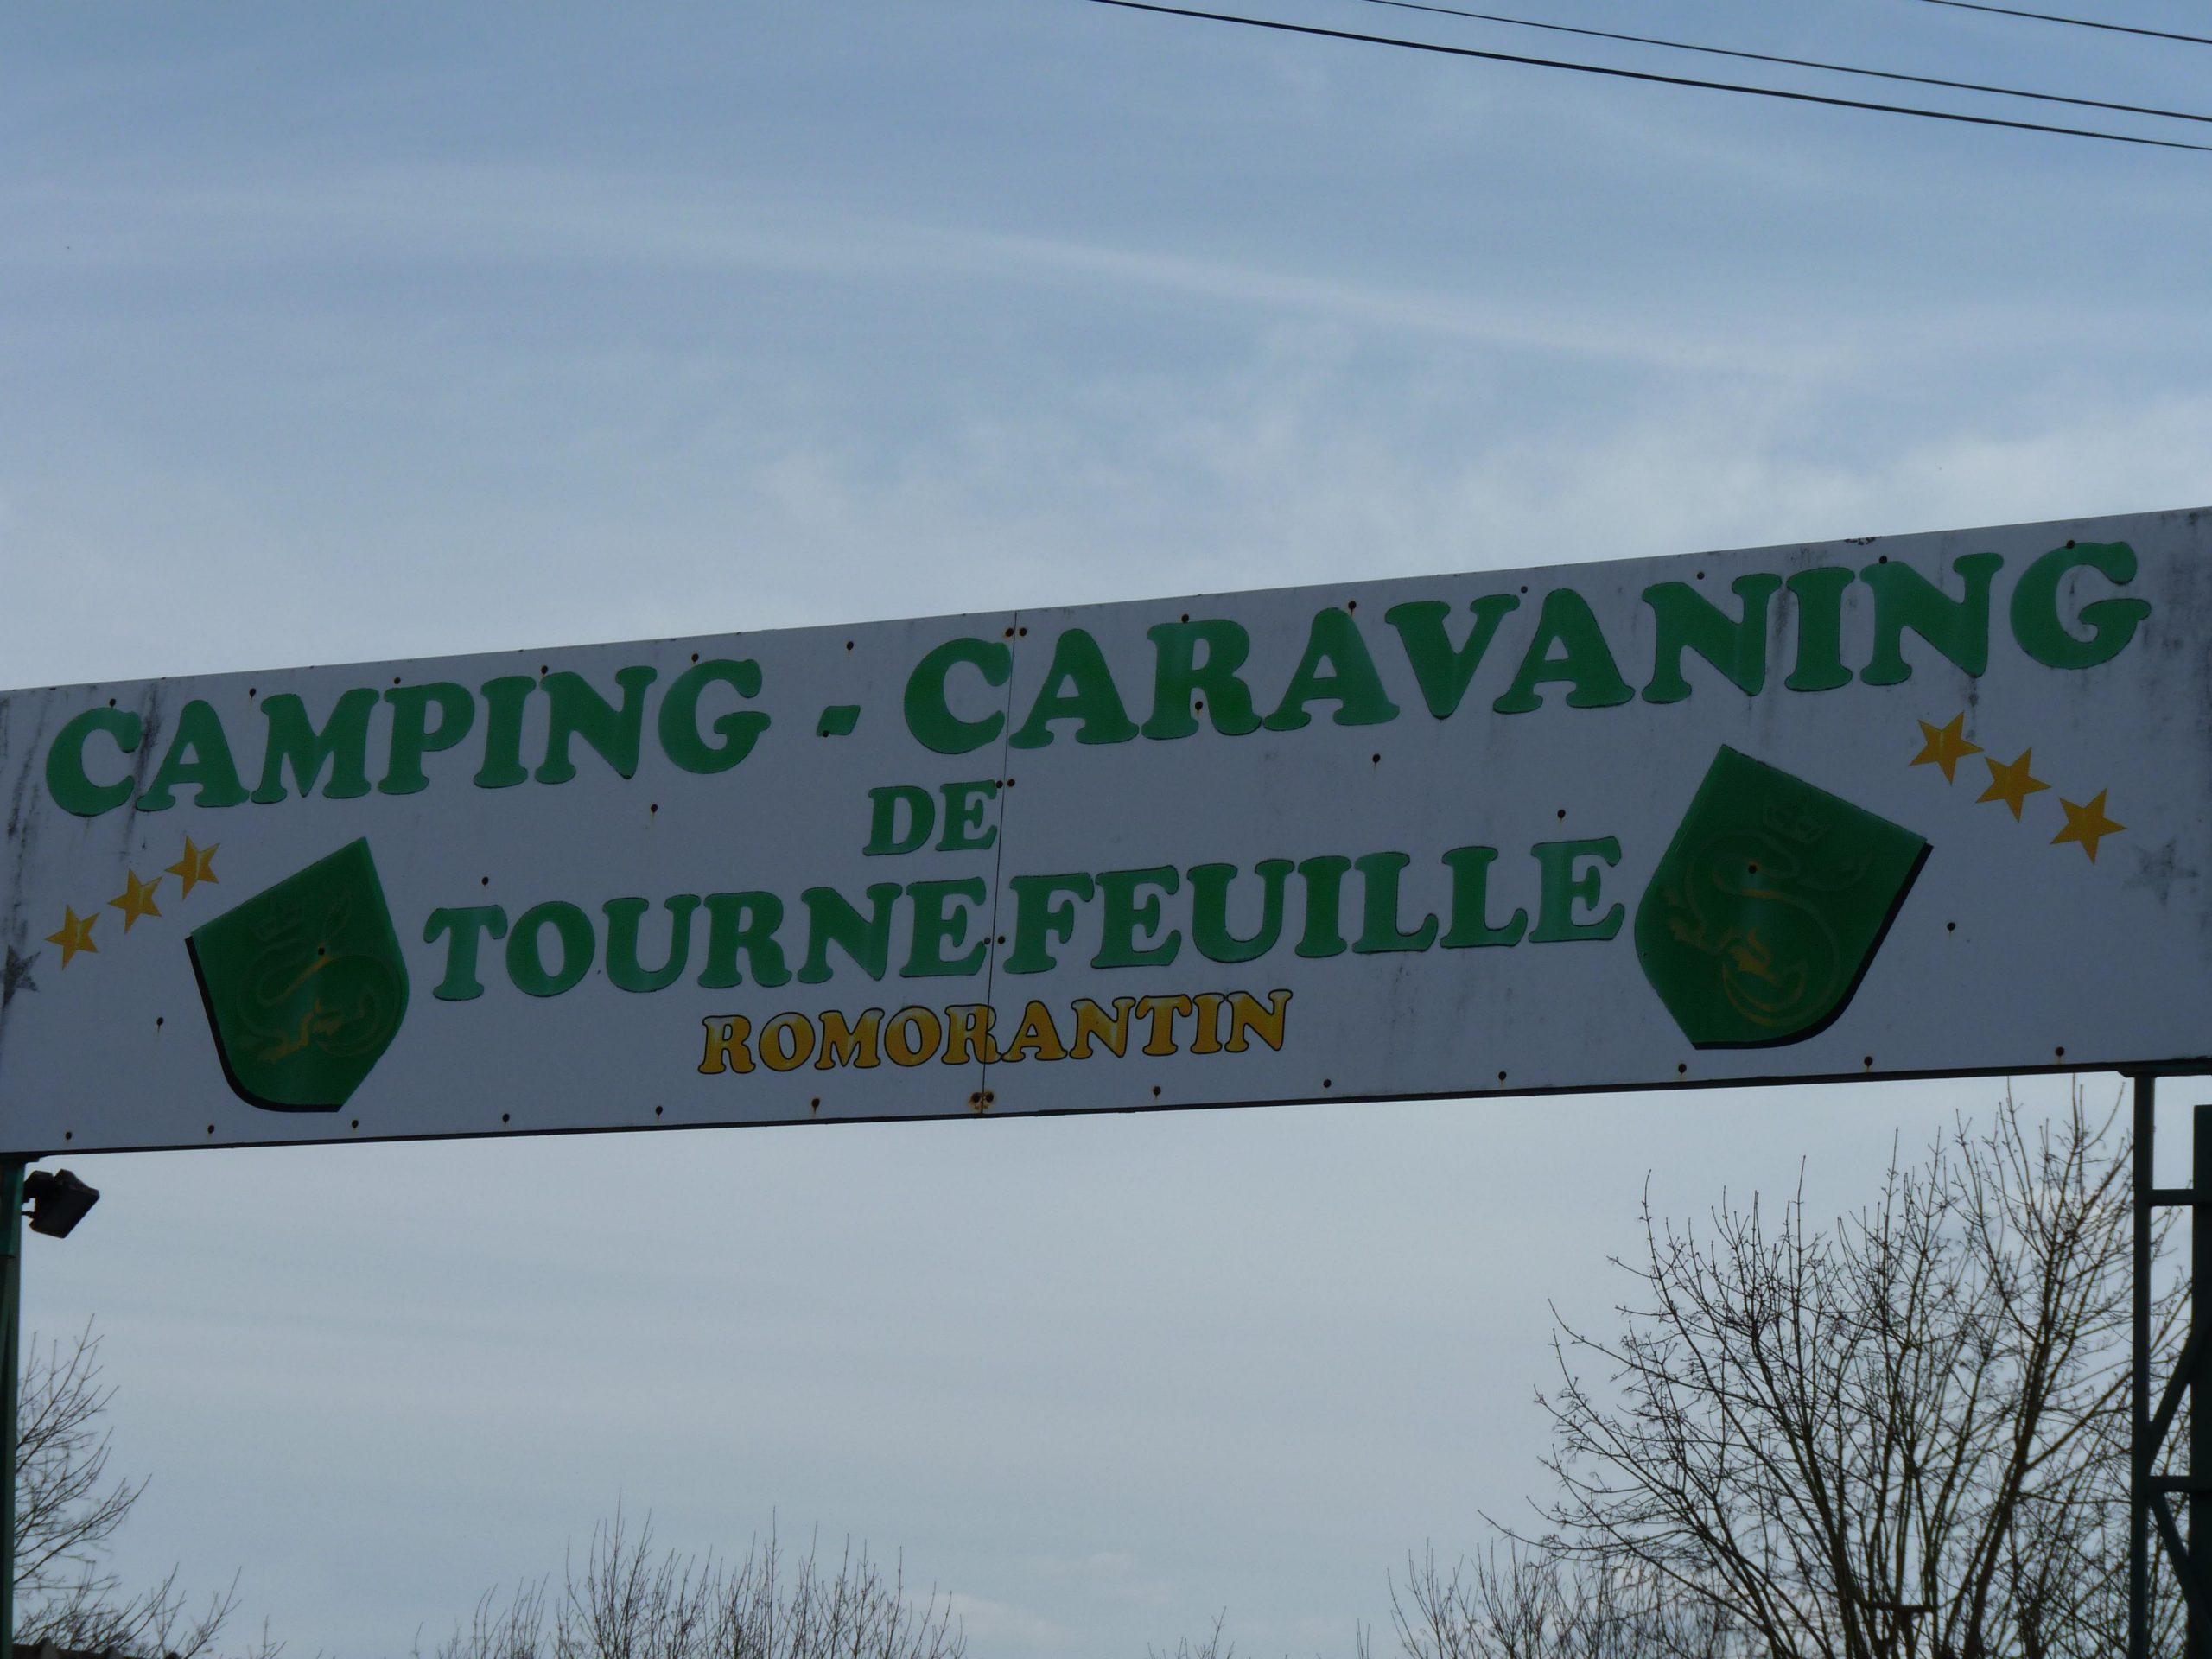 Camping De Tournefeuille - 3 Étoiles : Hôtel Et Autre ... tout Horaire Piscine Romorantin